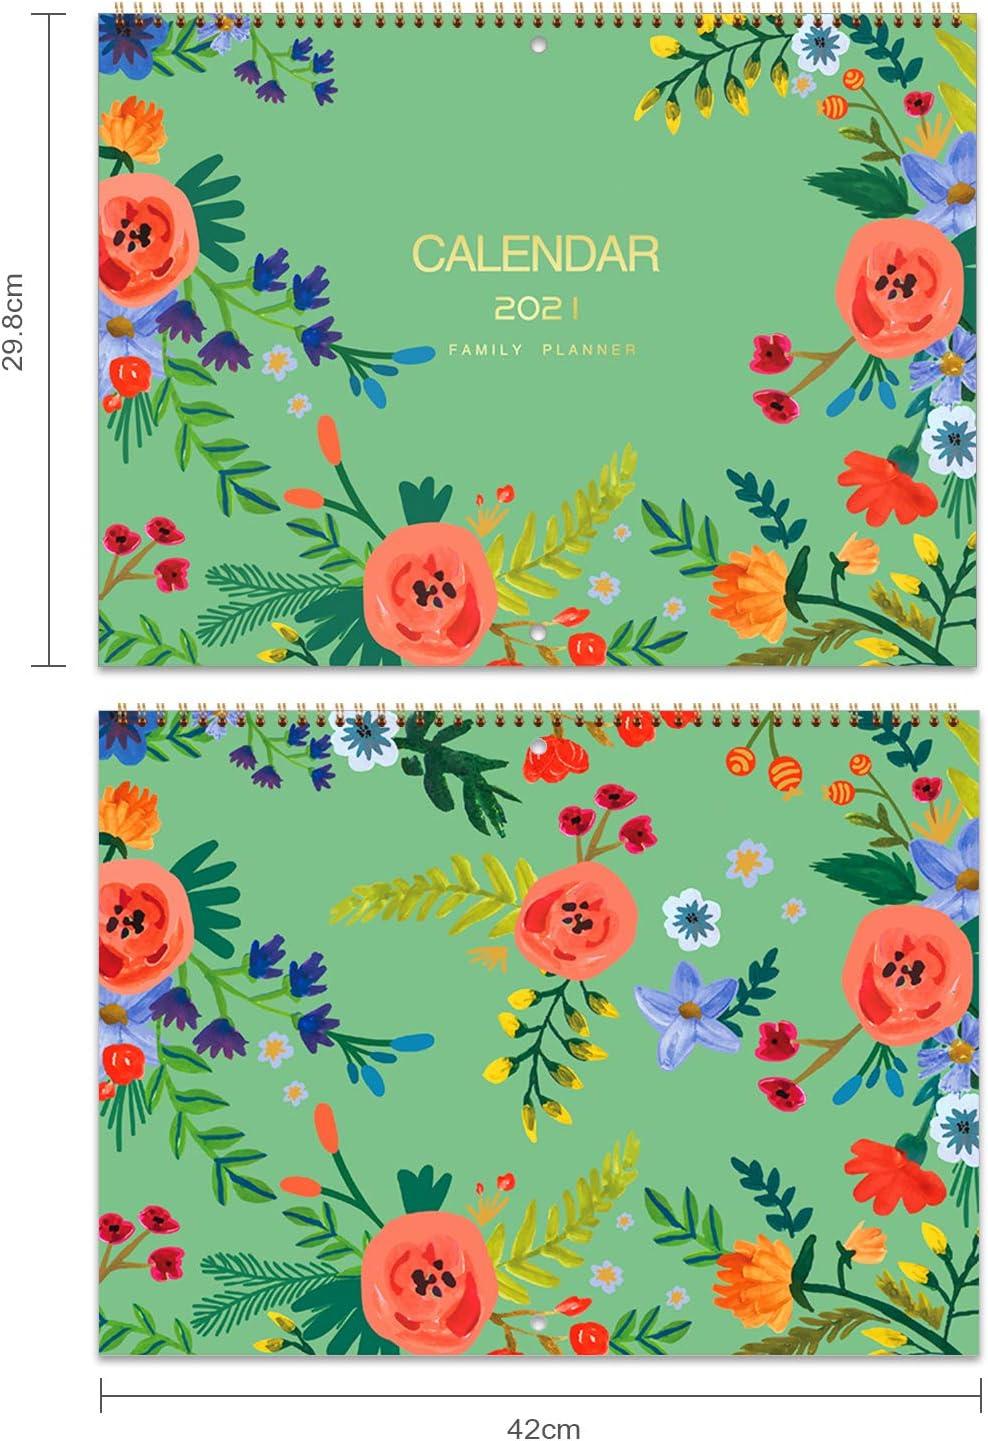 papier /épais et solide double 39 X 29 cm Reliure m/étallique Mois pour voir Organisateur familial 2021 avec poche int/érieure Calendrier mural 2021 // Agenda familial